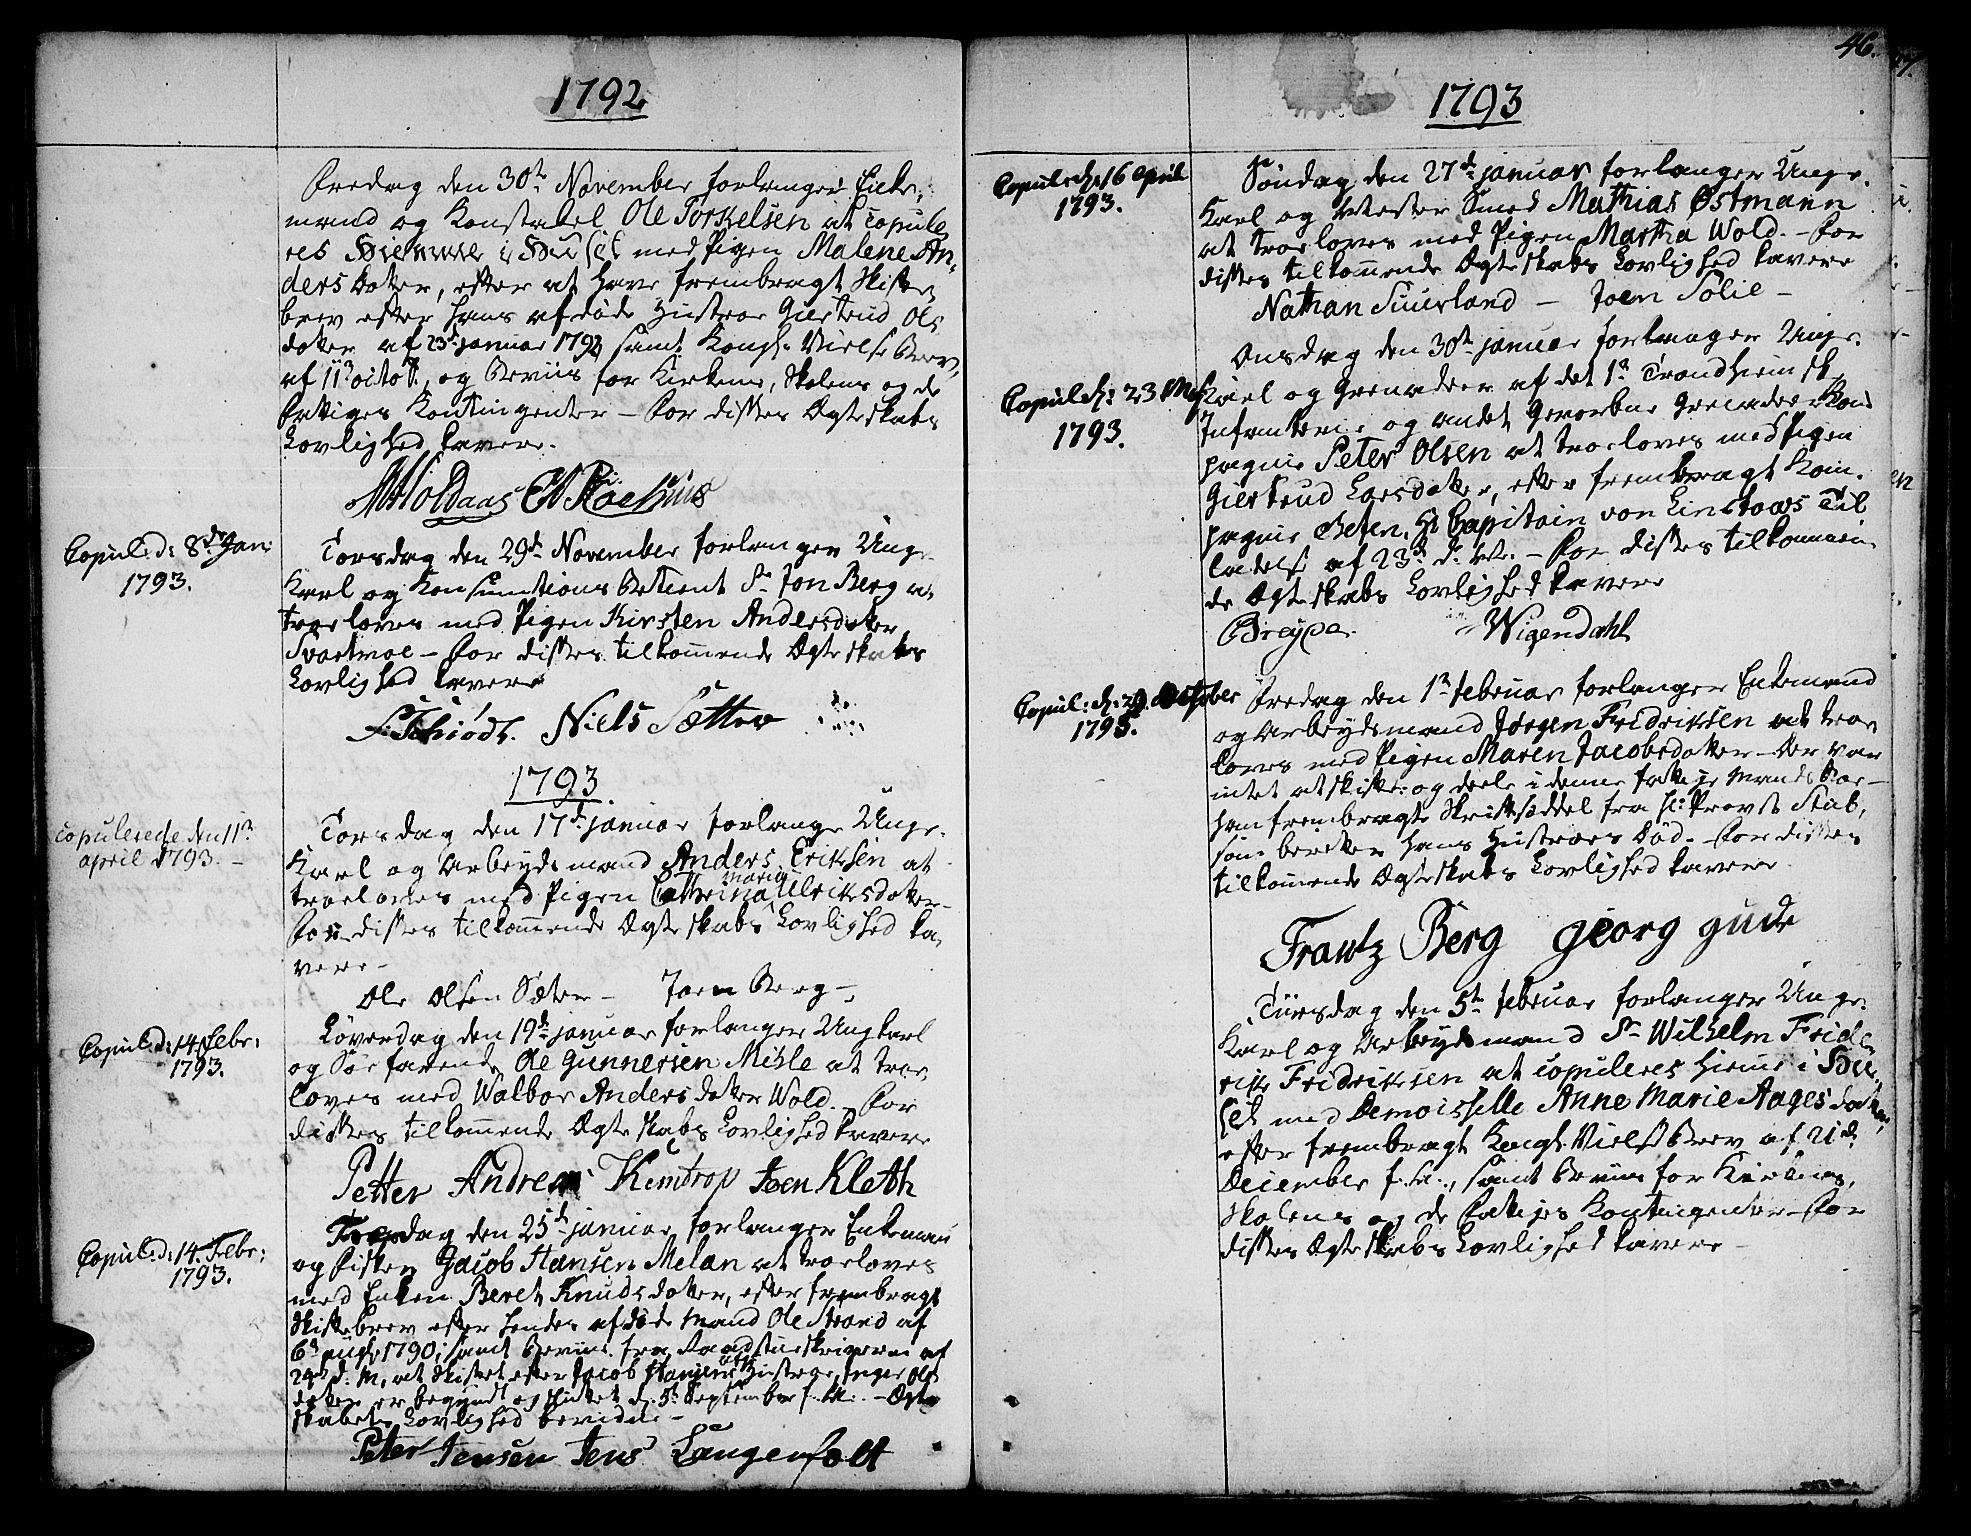 SAT, Ministerialprotokoller, klokkerbøker og fødselsregistre - Sør-Trøndelag, 601/L0041: Ministerialbok nr. 601A09, 1784-1801, s. 46